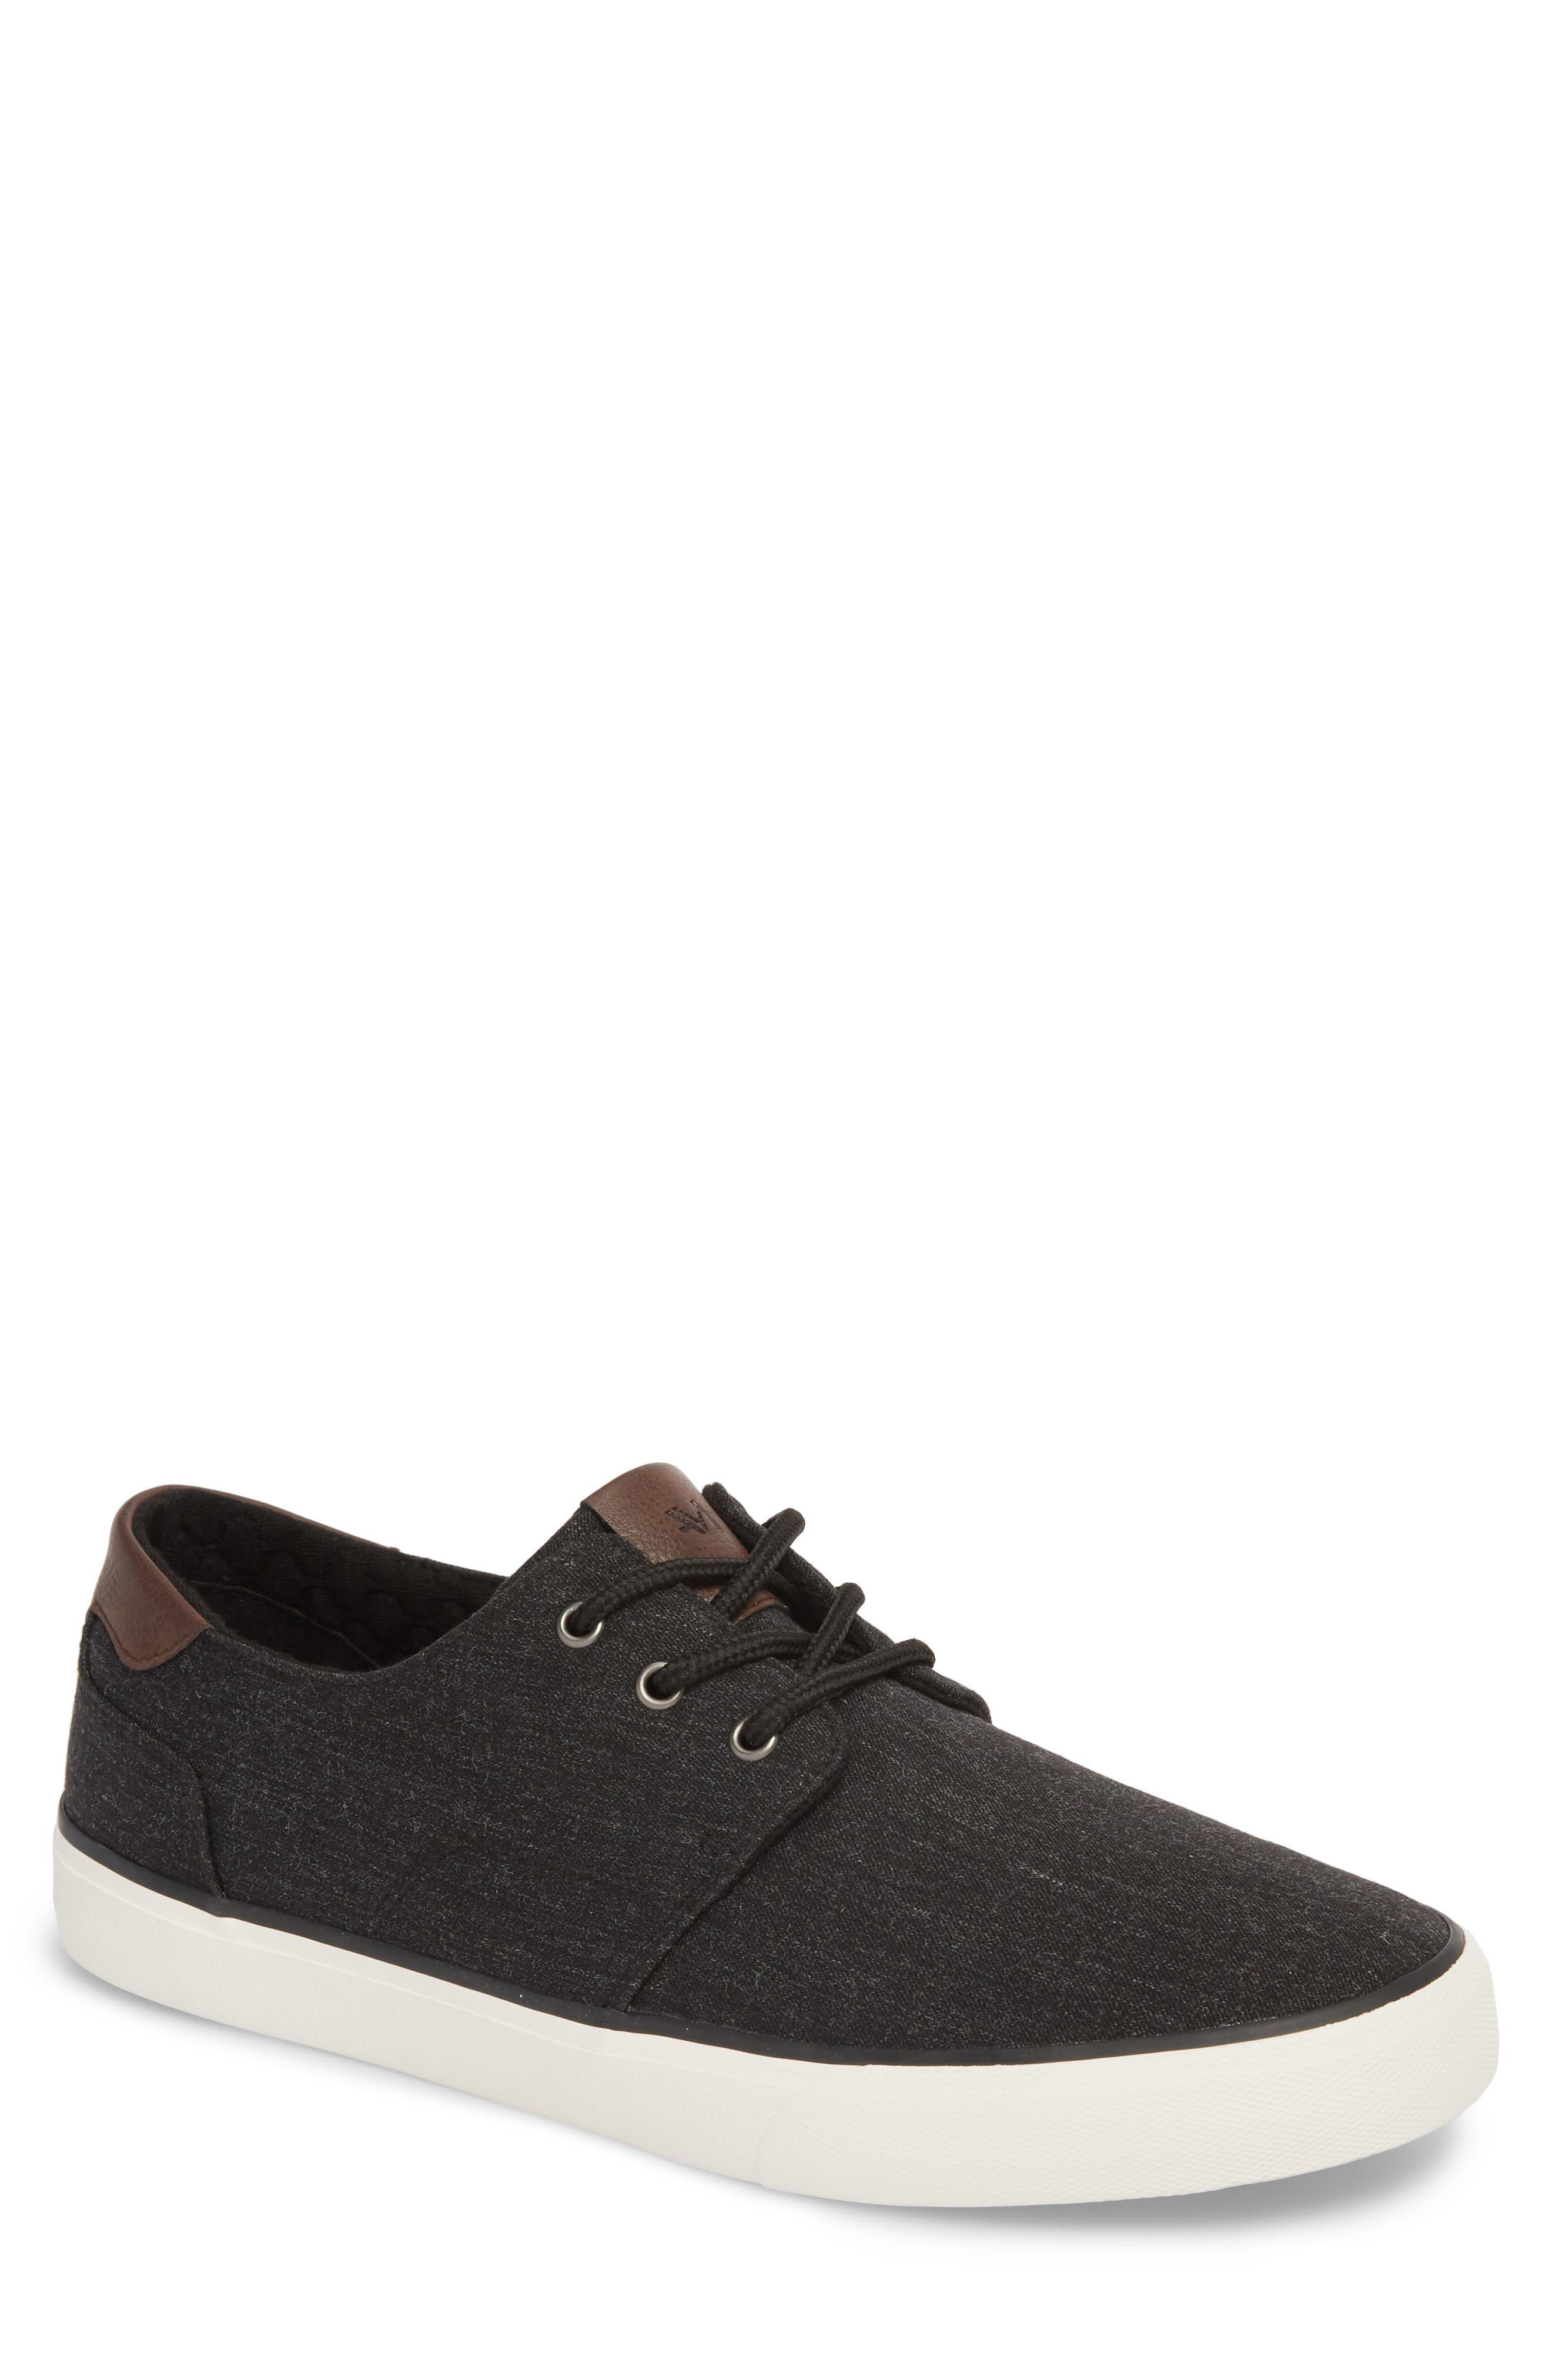 Briggs Low Top Sneaker,                             Main thumbnail 1, color,                             001